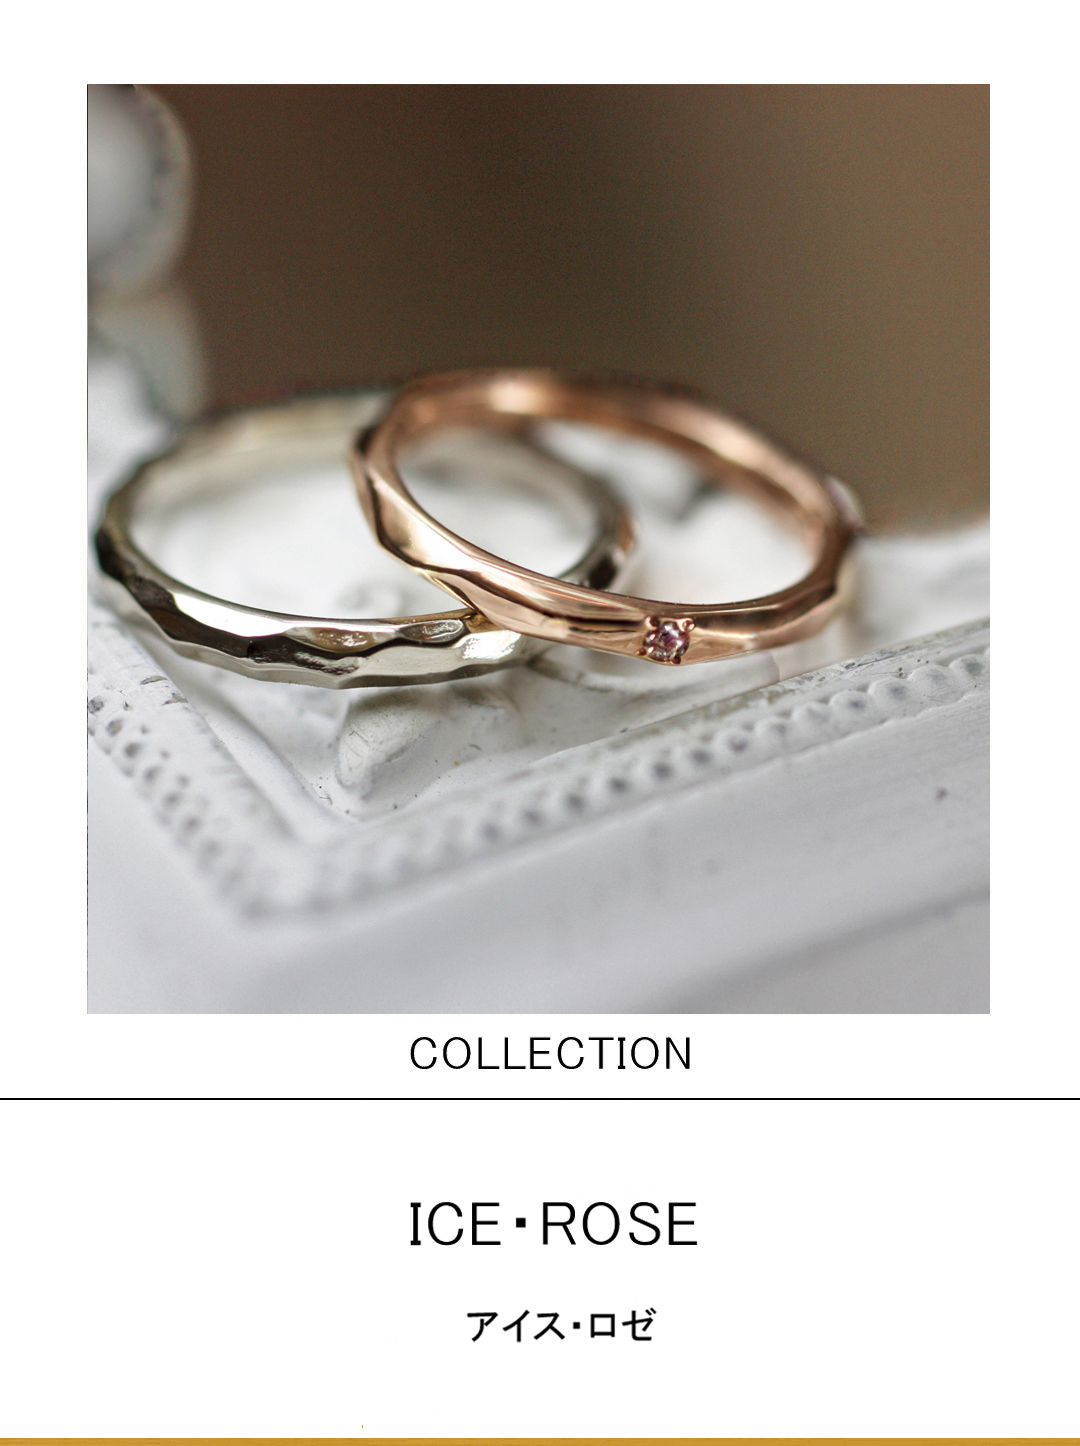 ピンクとグレーゴールドで氷をデザインした結婚指輪コレクションのサムネイル